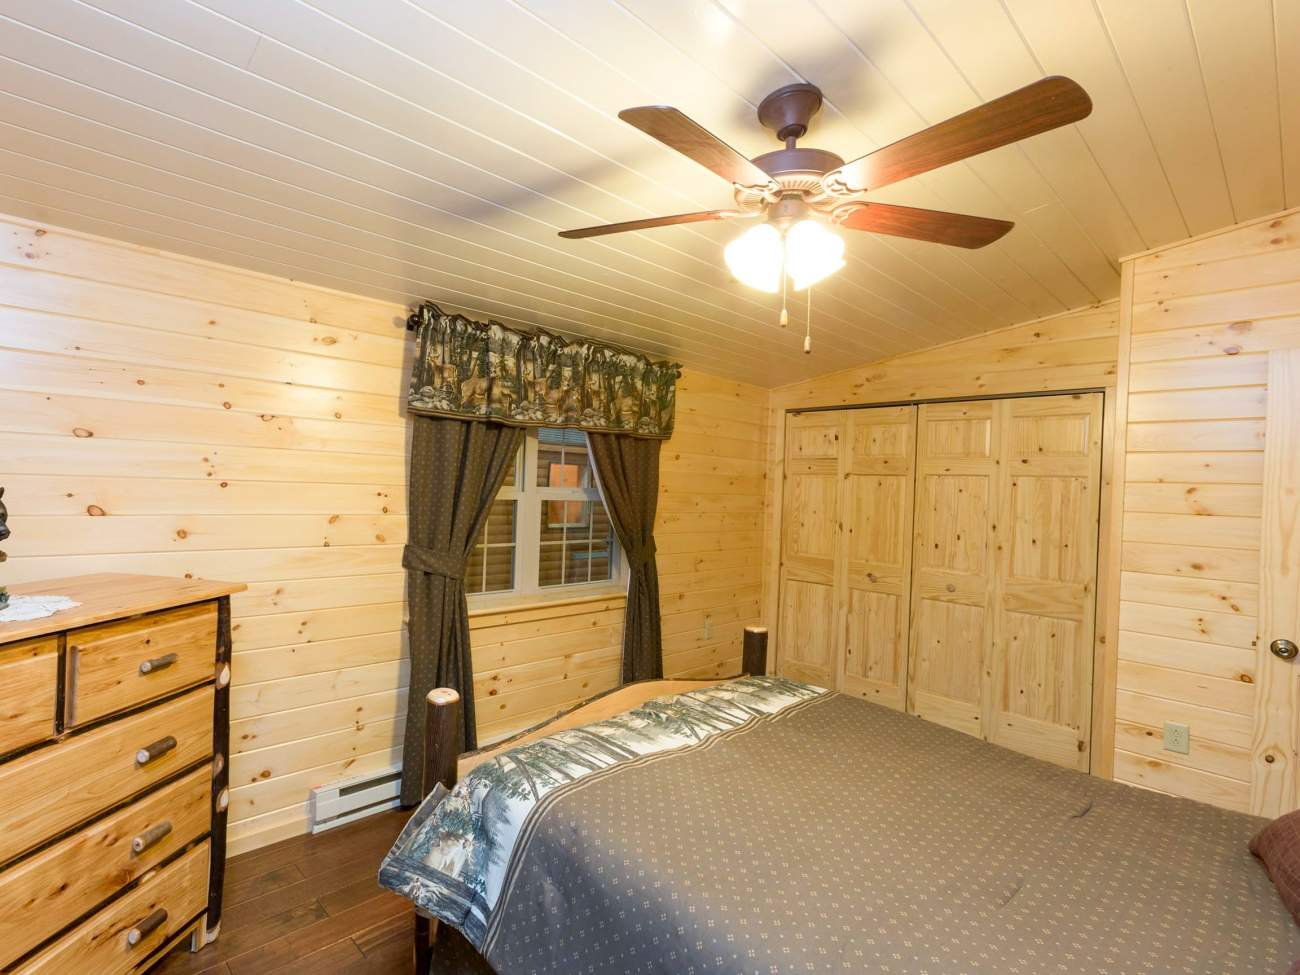 White Ceiling for Modular Cabin